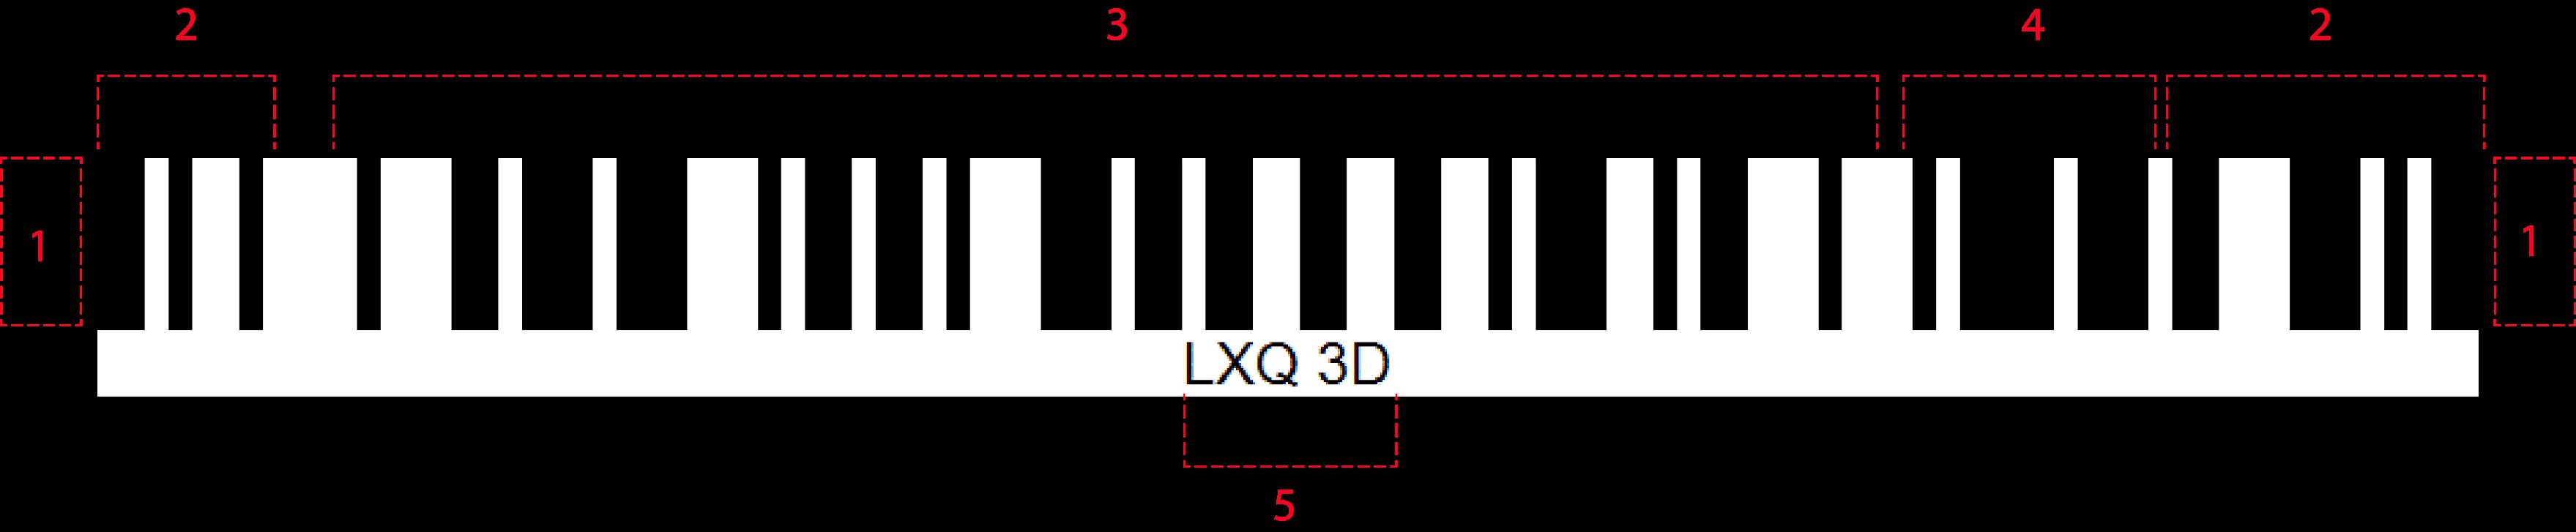 2D Barcode - LXQ 3D